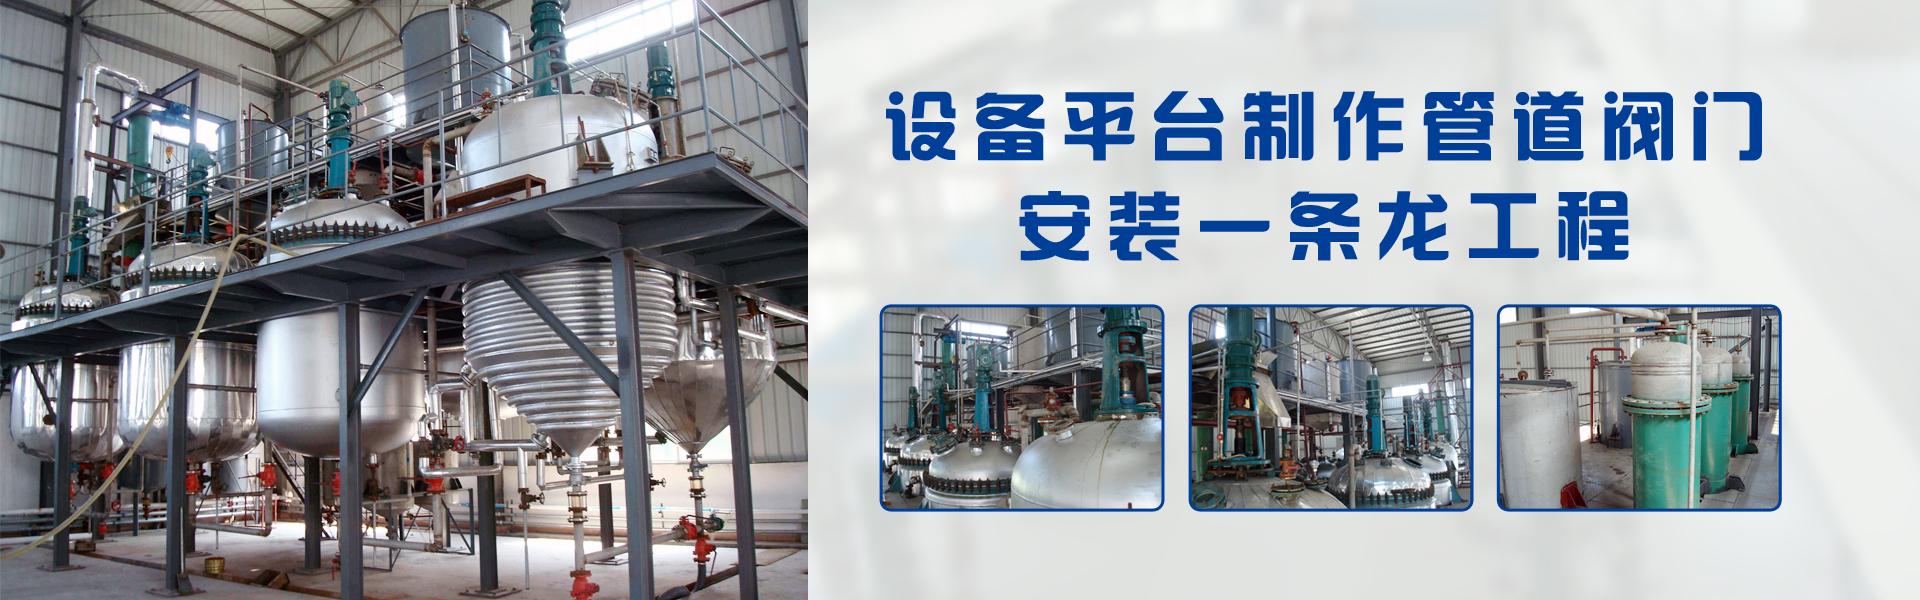 肇庆市正大化工机械设备幸运飞艇专业从事特种机械设备制造,产品设备广泛应用于医药化工、日用化工、石油化工。